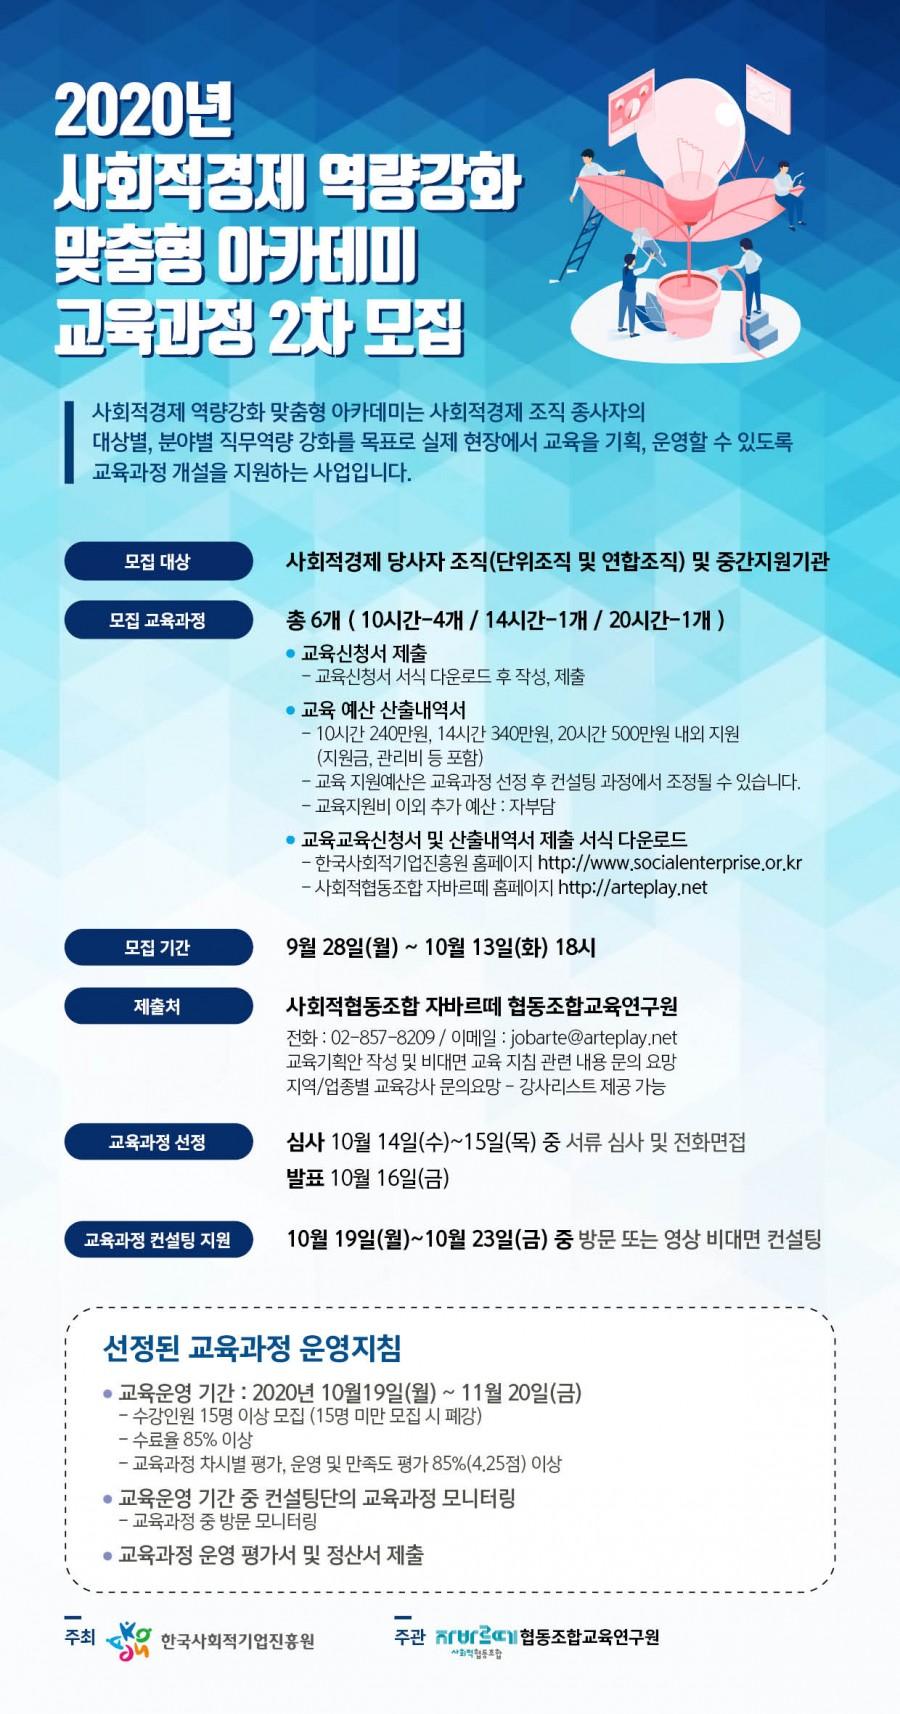 [한국사회적기업진흥원] 2020년 사회적경제 역량강화 맞춤형 아카데미 교육과정 2차모집